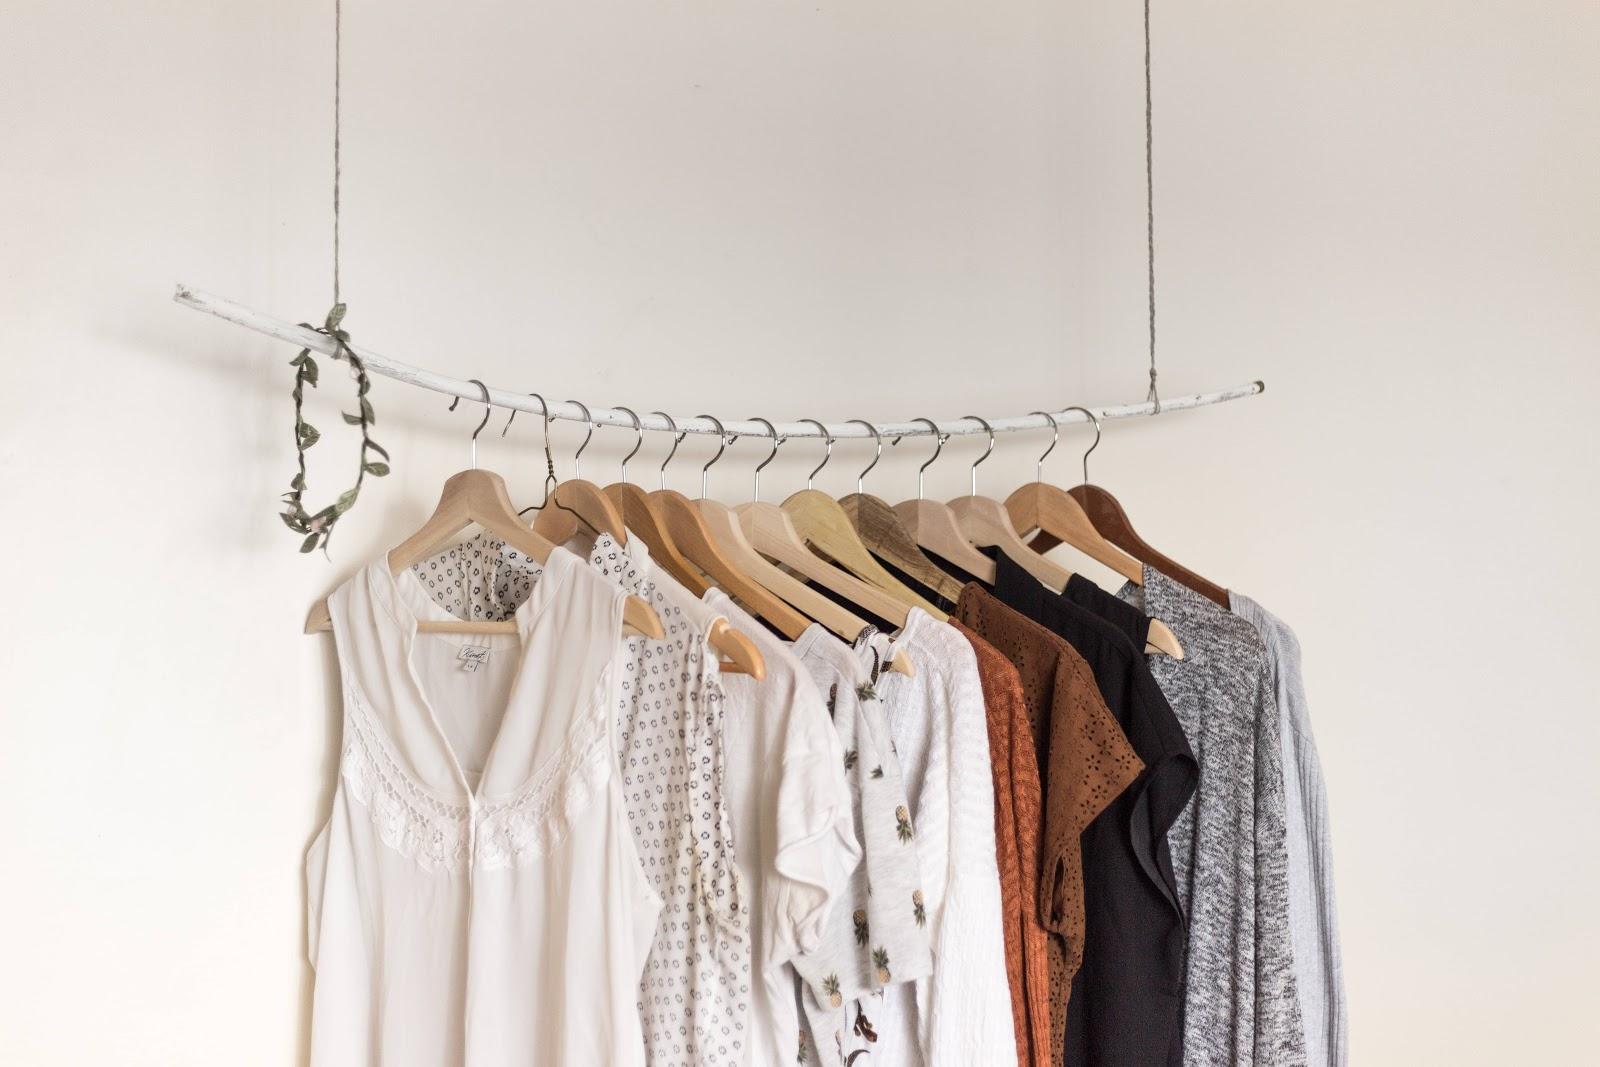 abbigliamento-femminile-colori-chiari